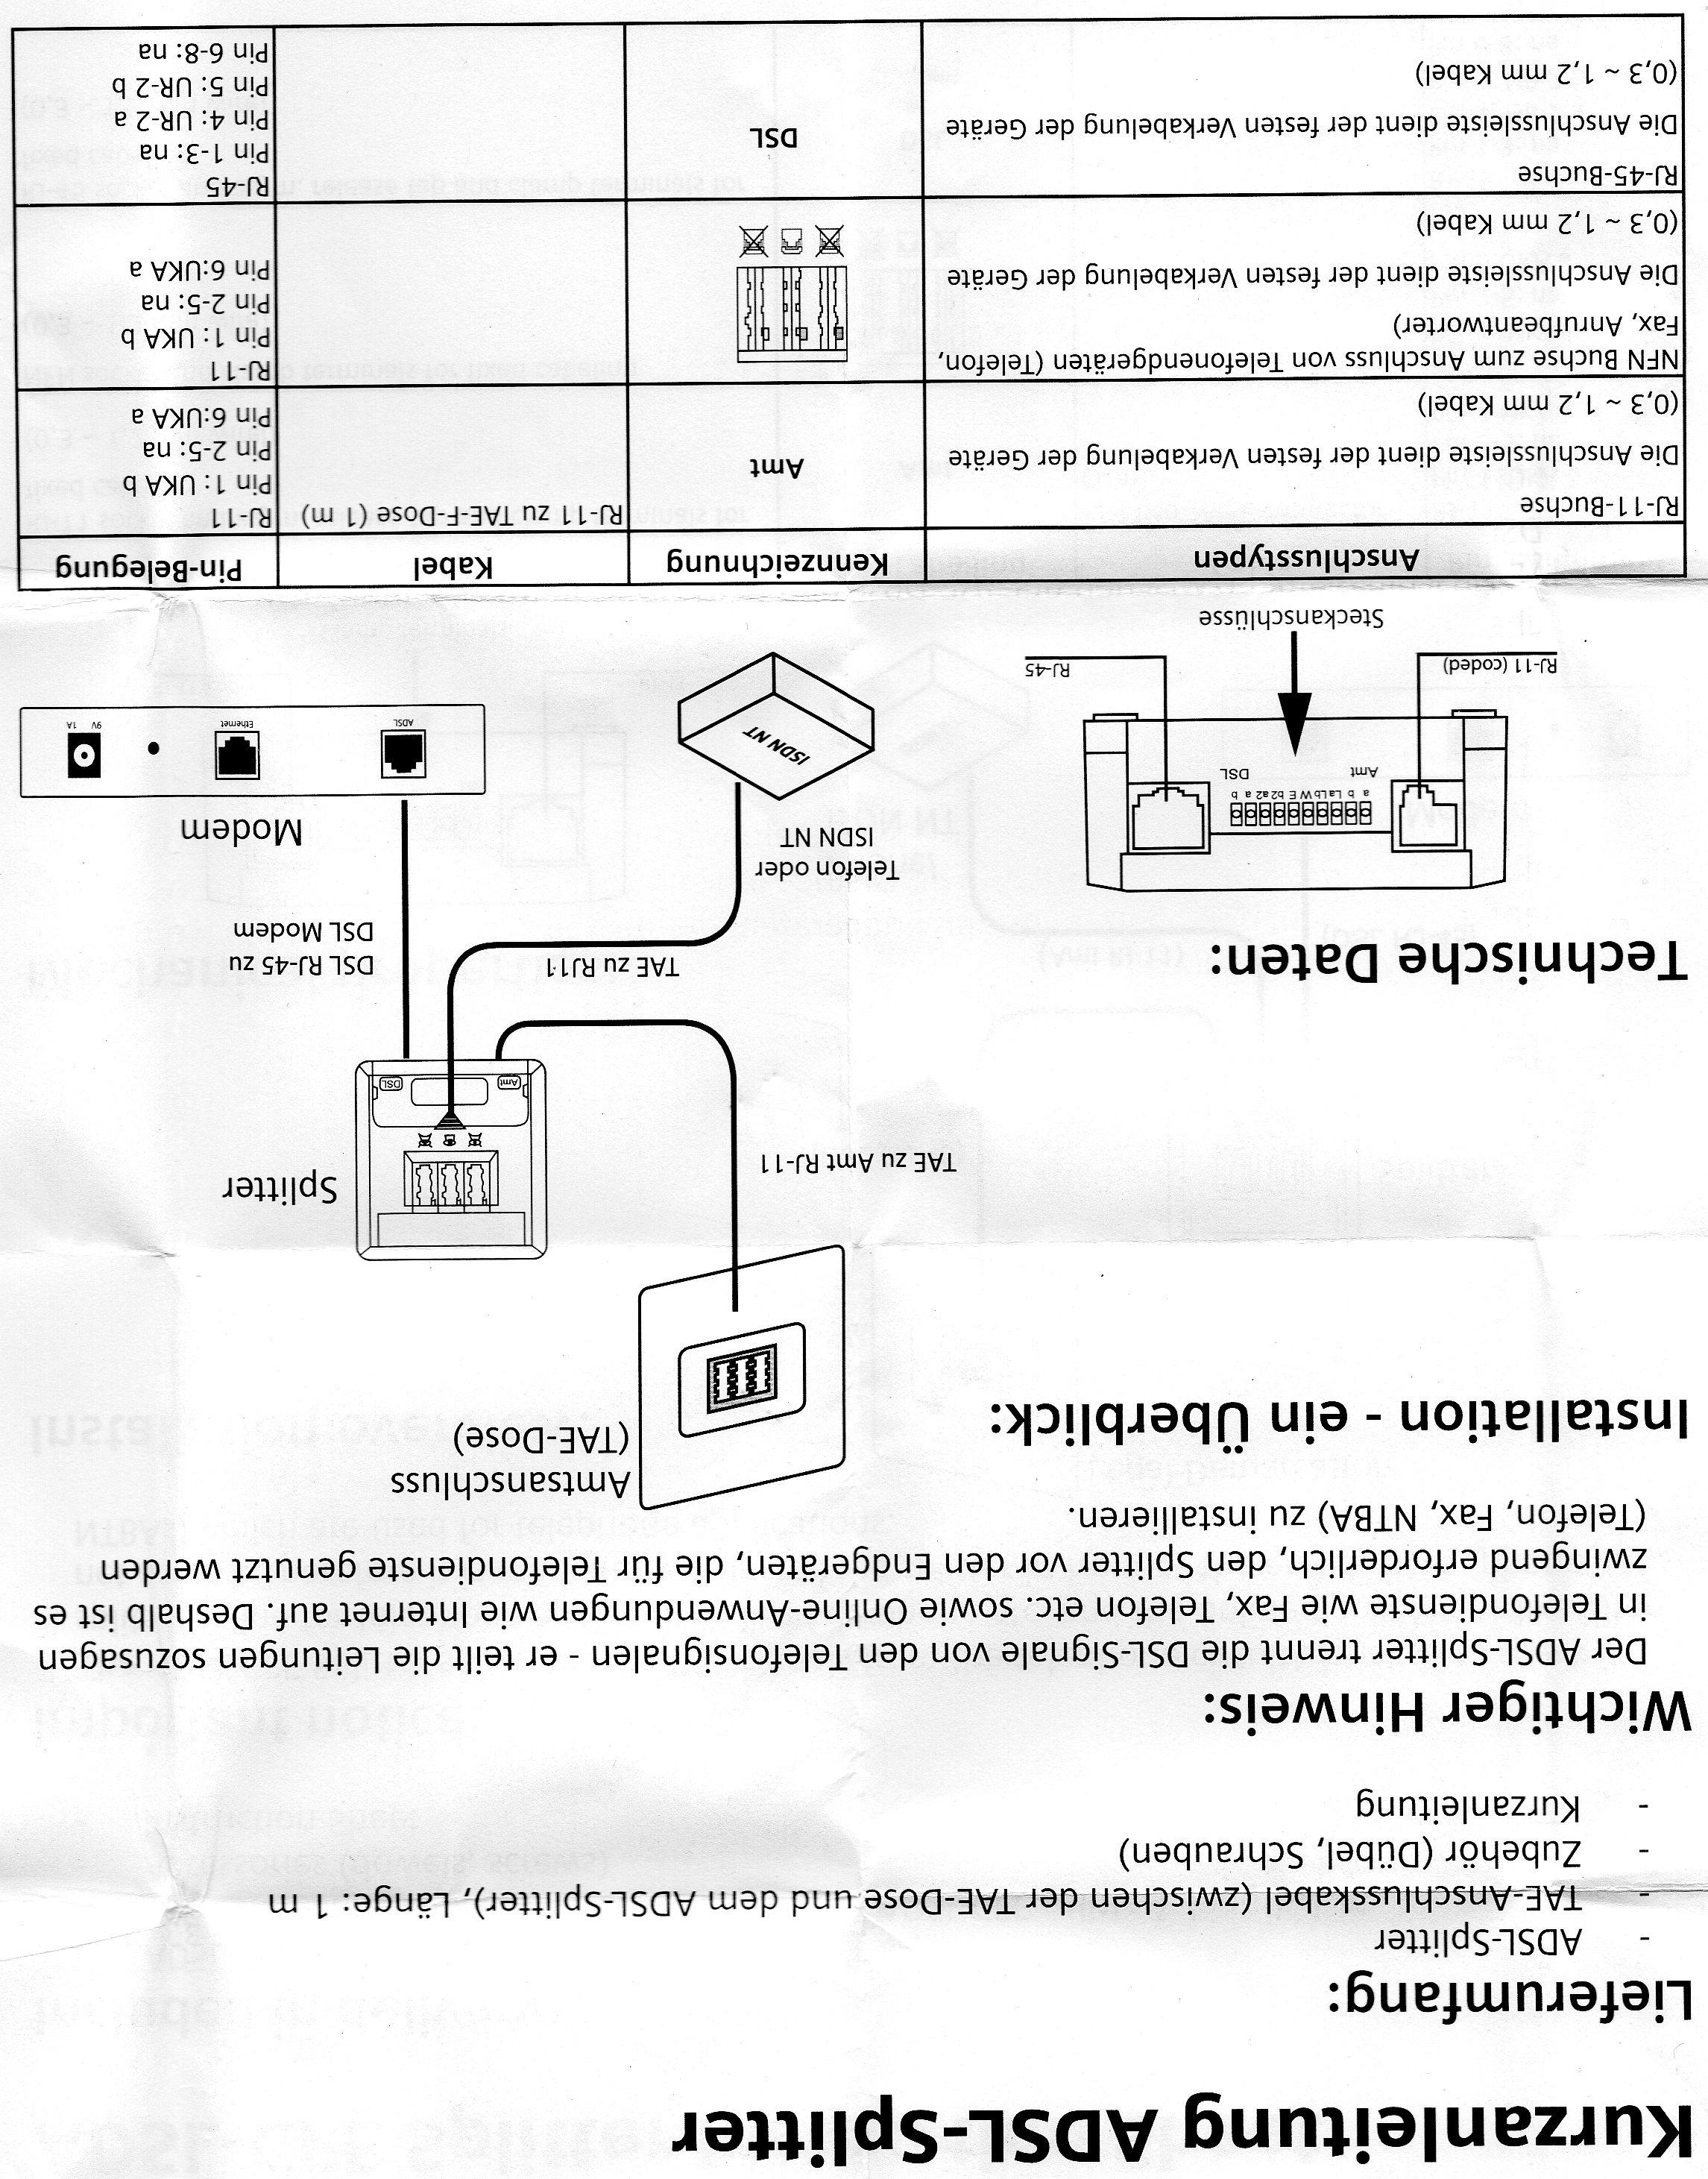 welche fritzbox ist f r mich die richtige computer pc internet. Black Bedroom Furniture Sets. Home Design Ideas